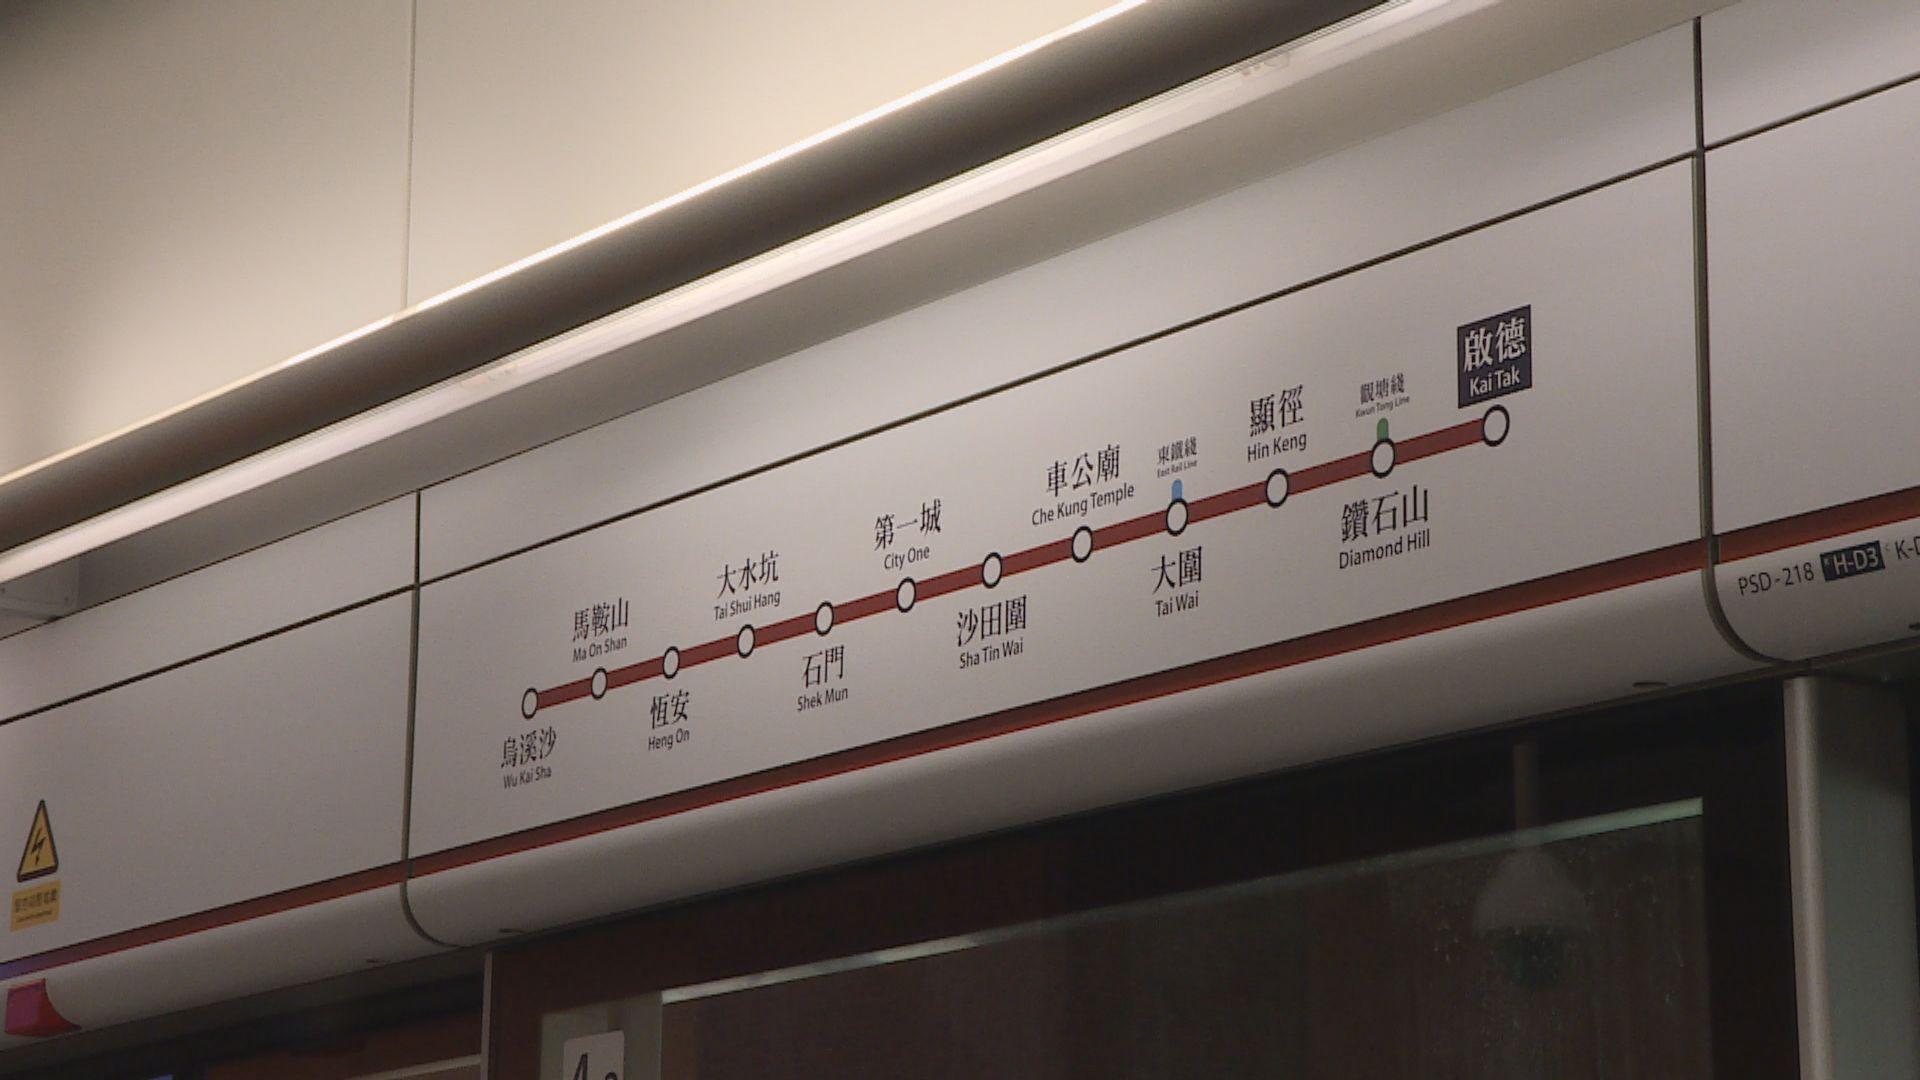 港鐵下周二起安排列車駛往宋皇臺、土瓜灣等車站